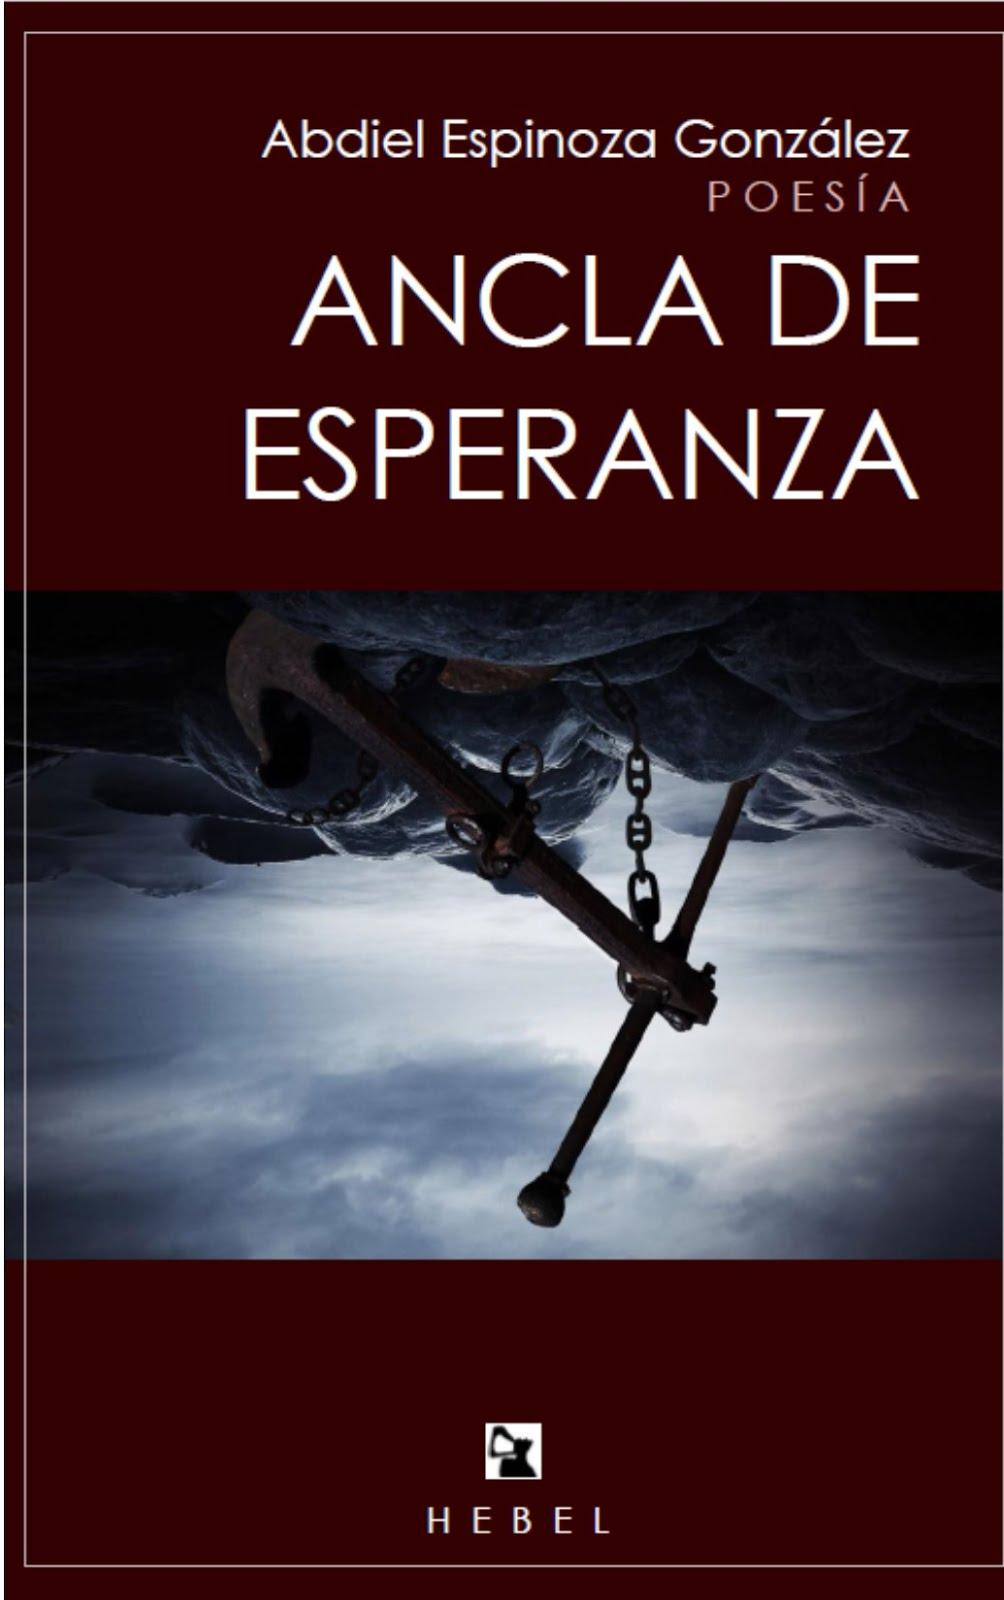 Ancla de esperanza, Hebel Ediciones, 2016